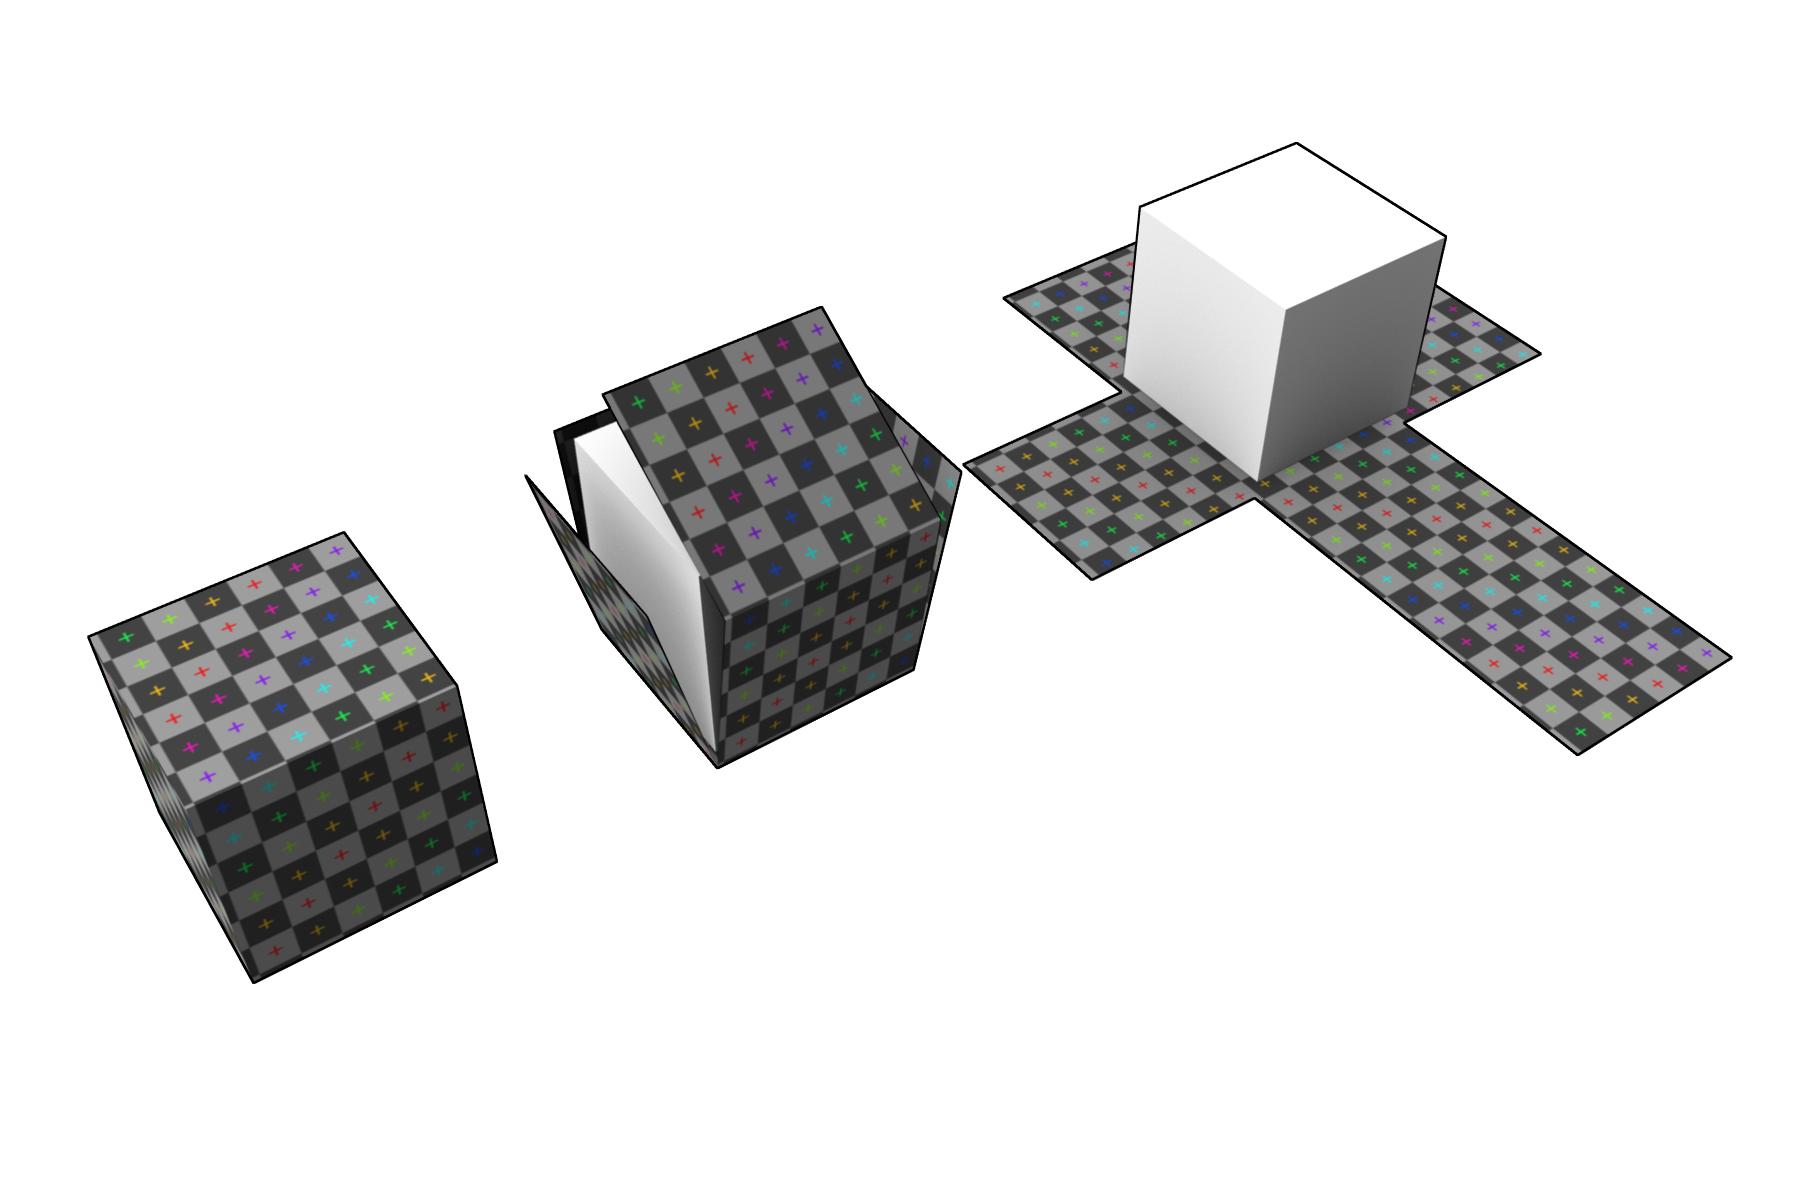 Unwrap - wikimedia